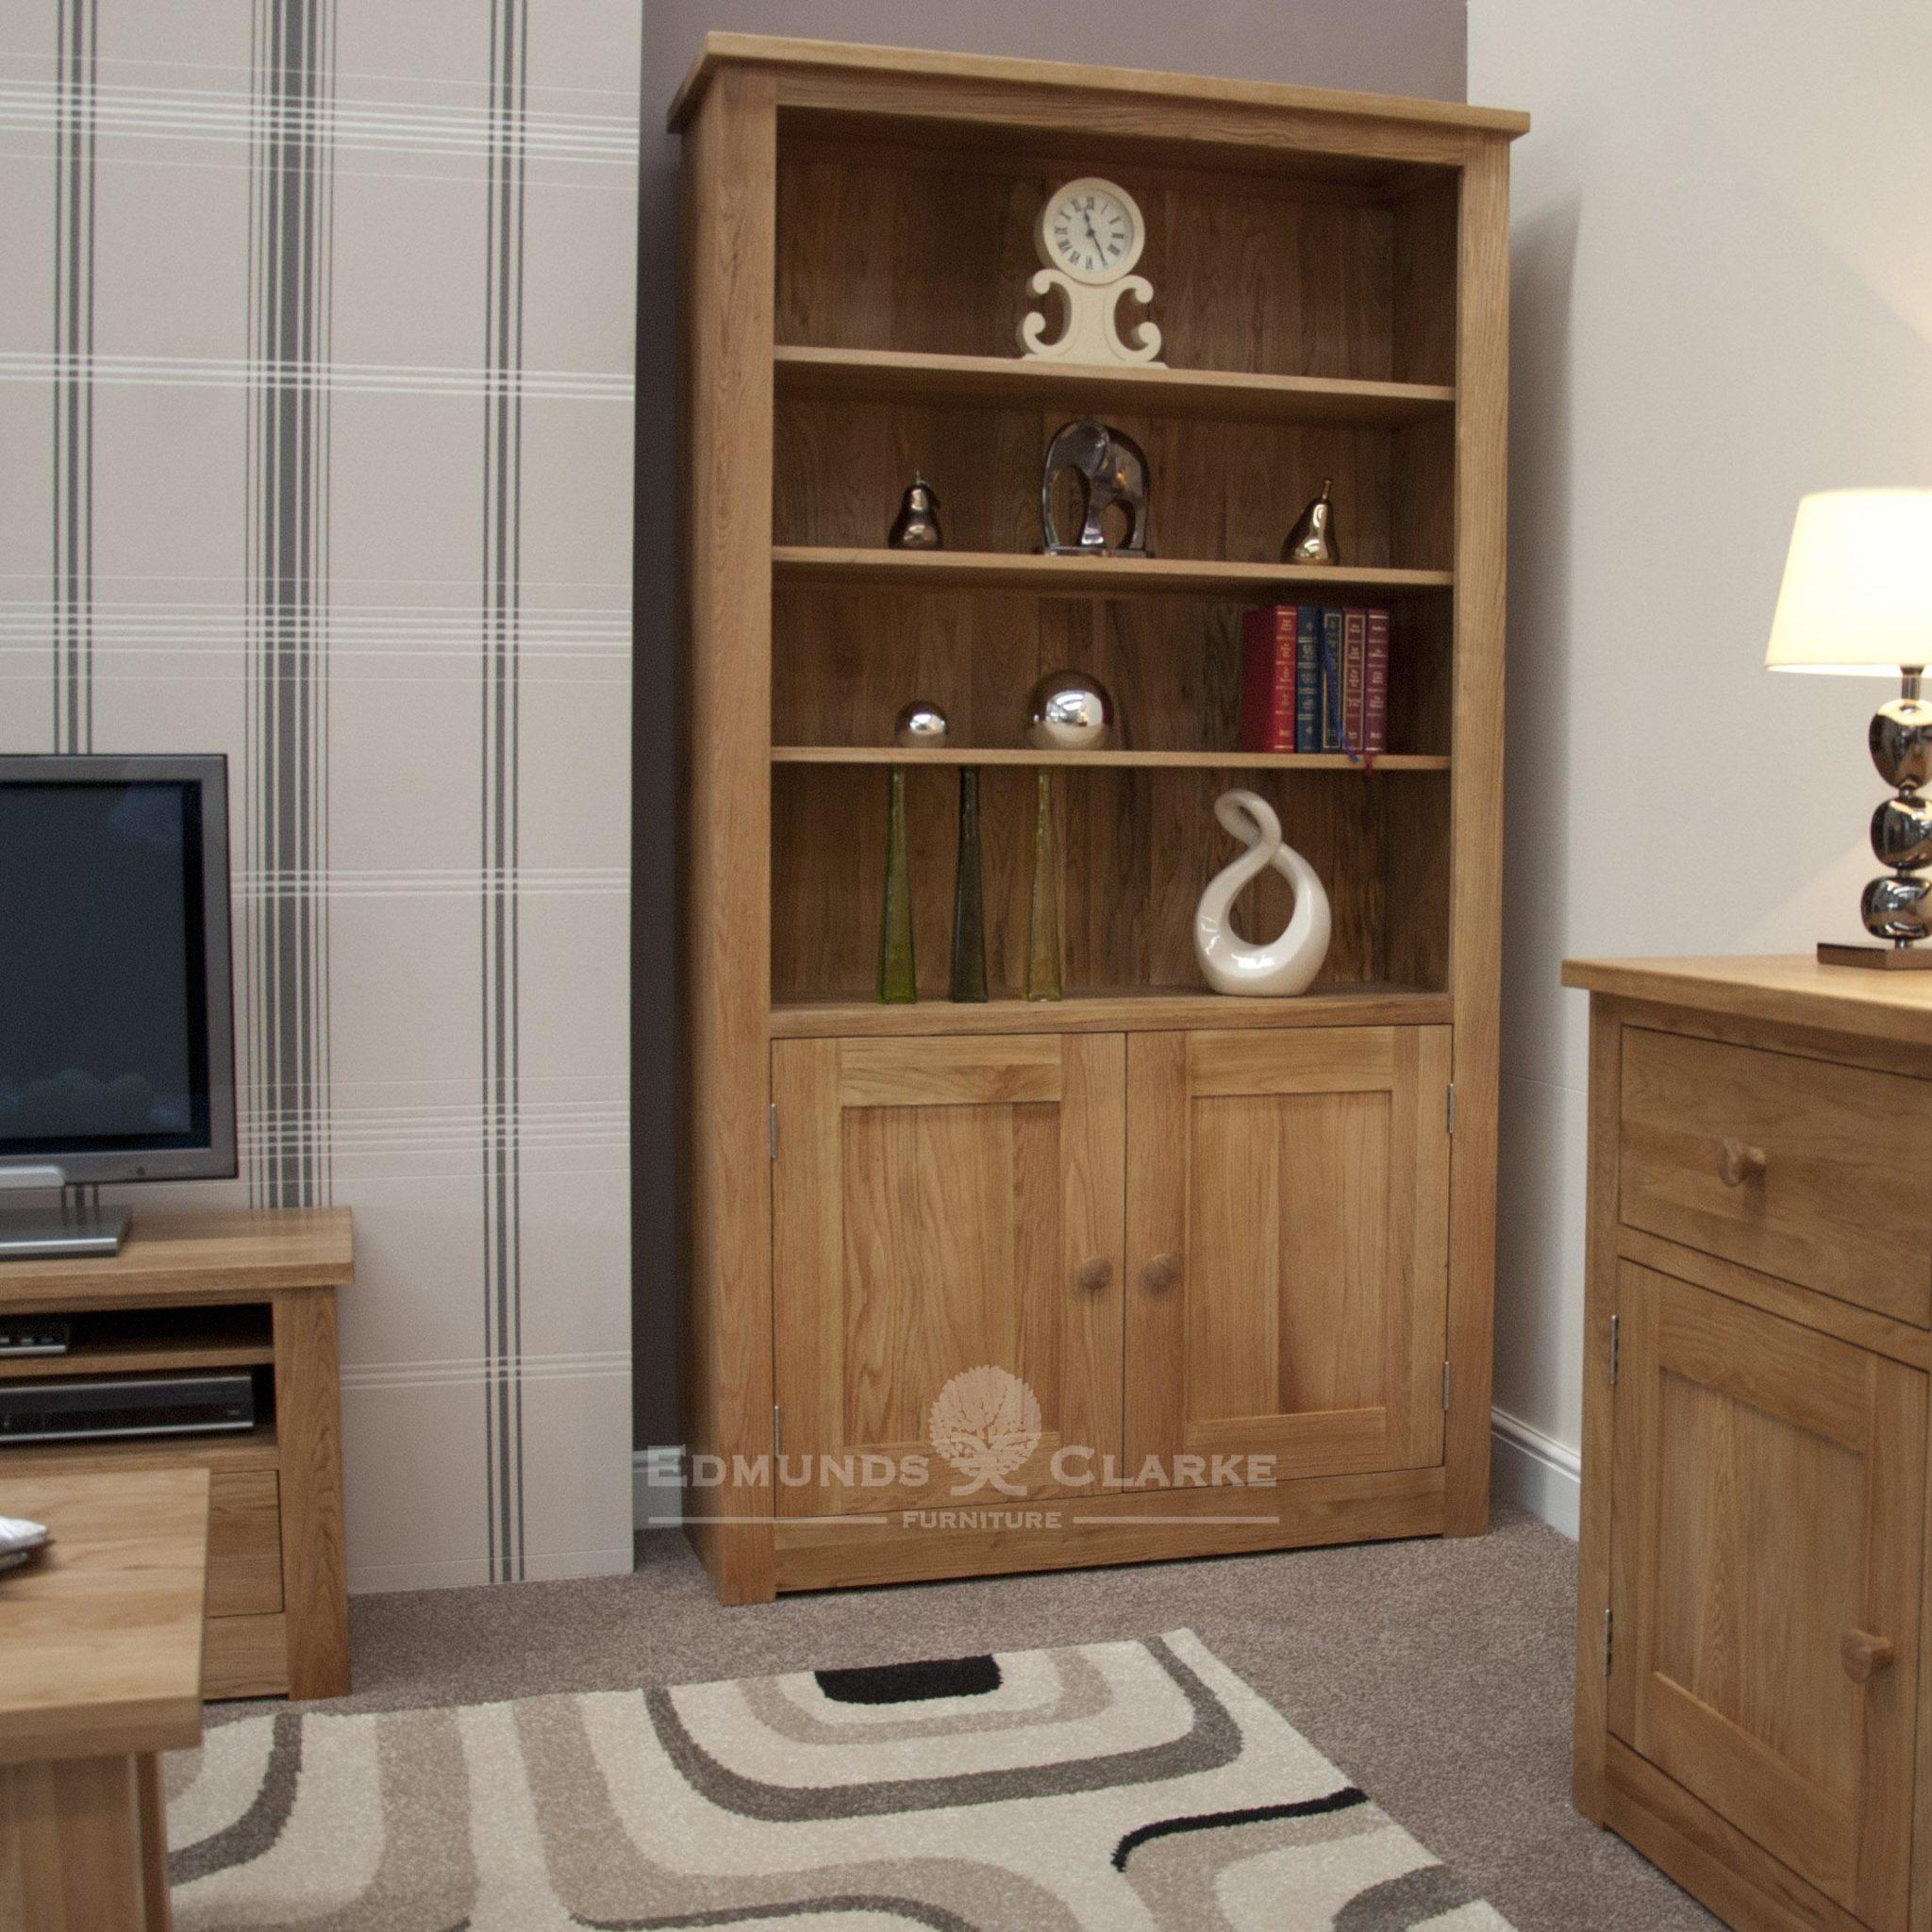 solid oak wide deep two door bookcase